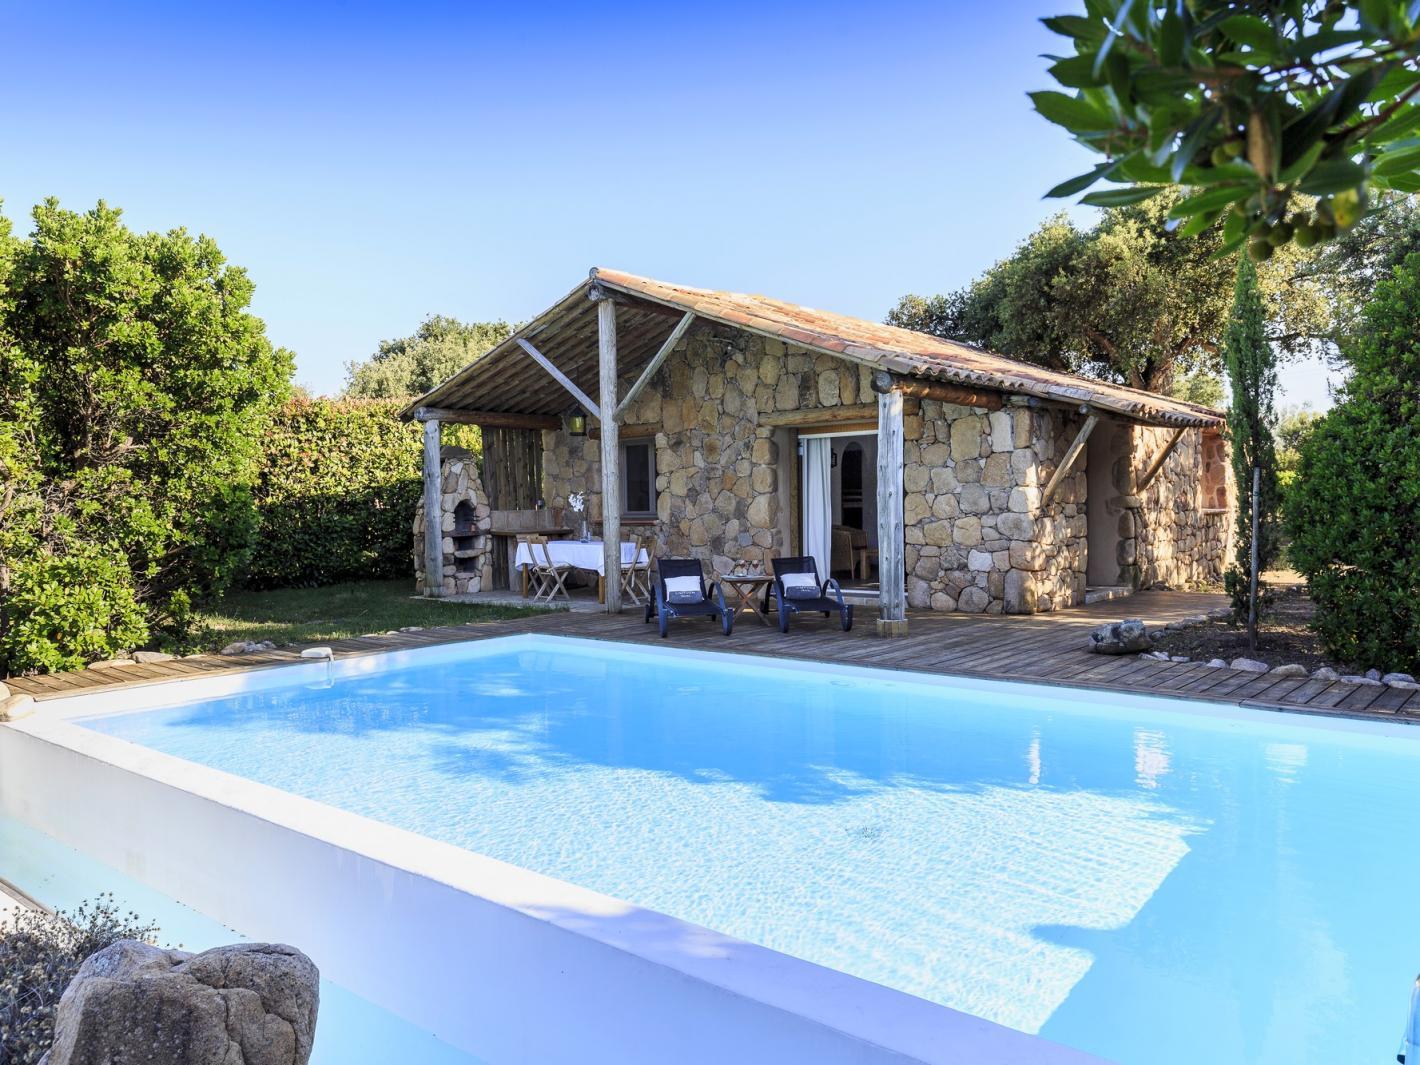 Location maison de charme bergerie avec piscine porto vecchio - Location maison piscine porto vecchio ...